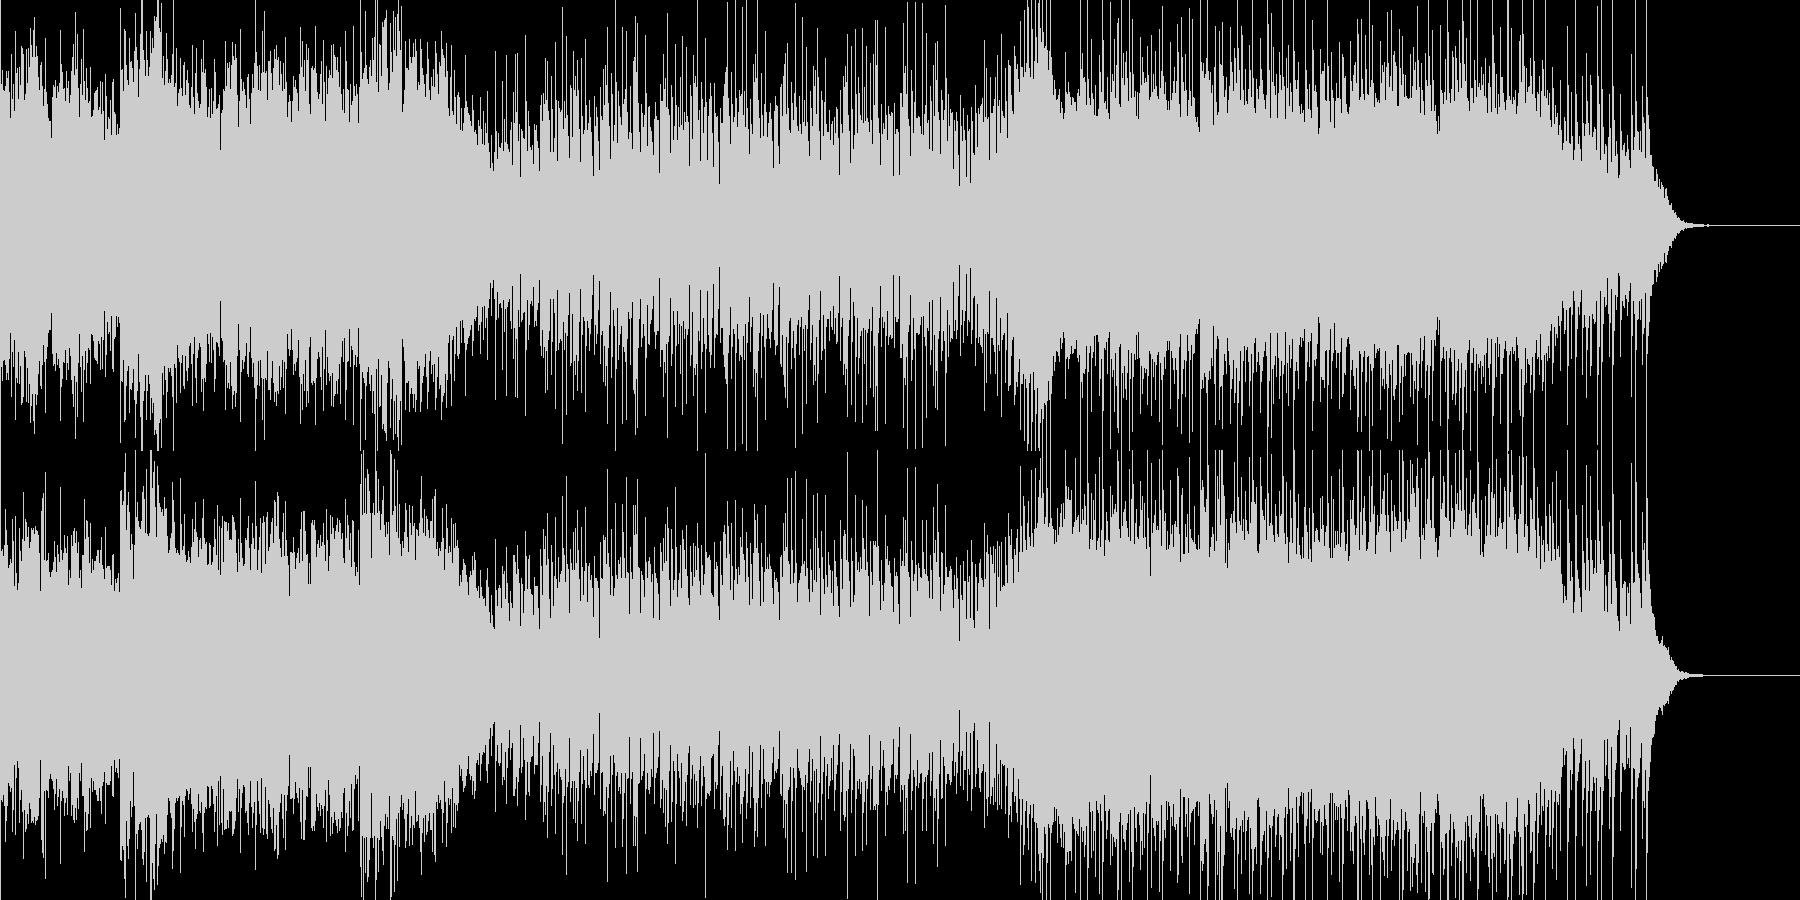 シンプルなアイドル系インストの未再生の波形